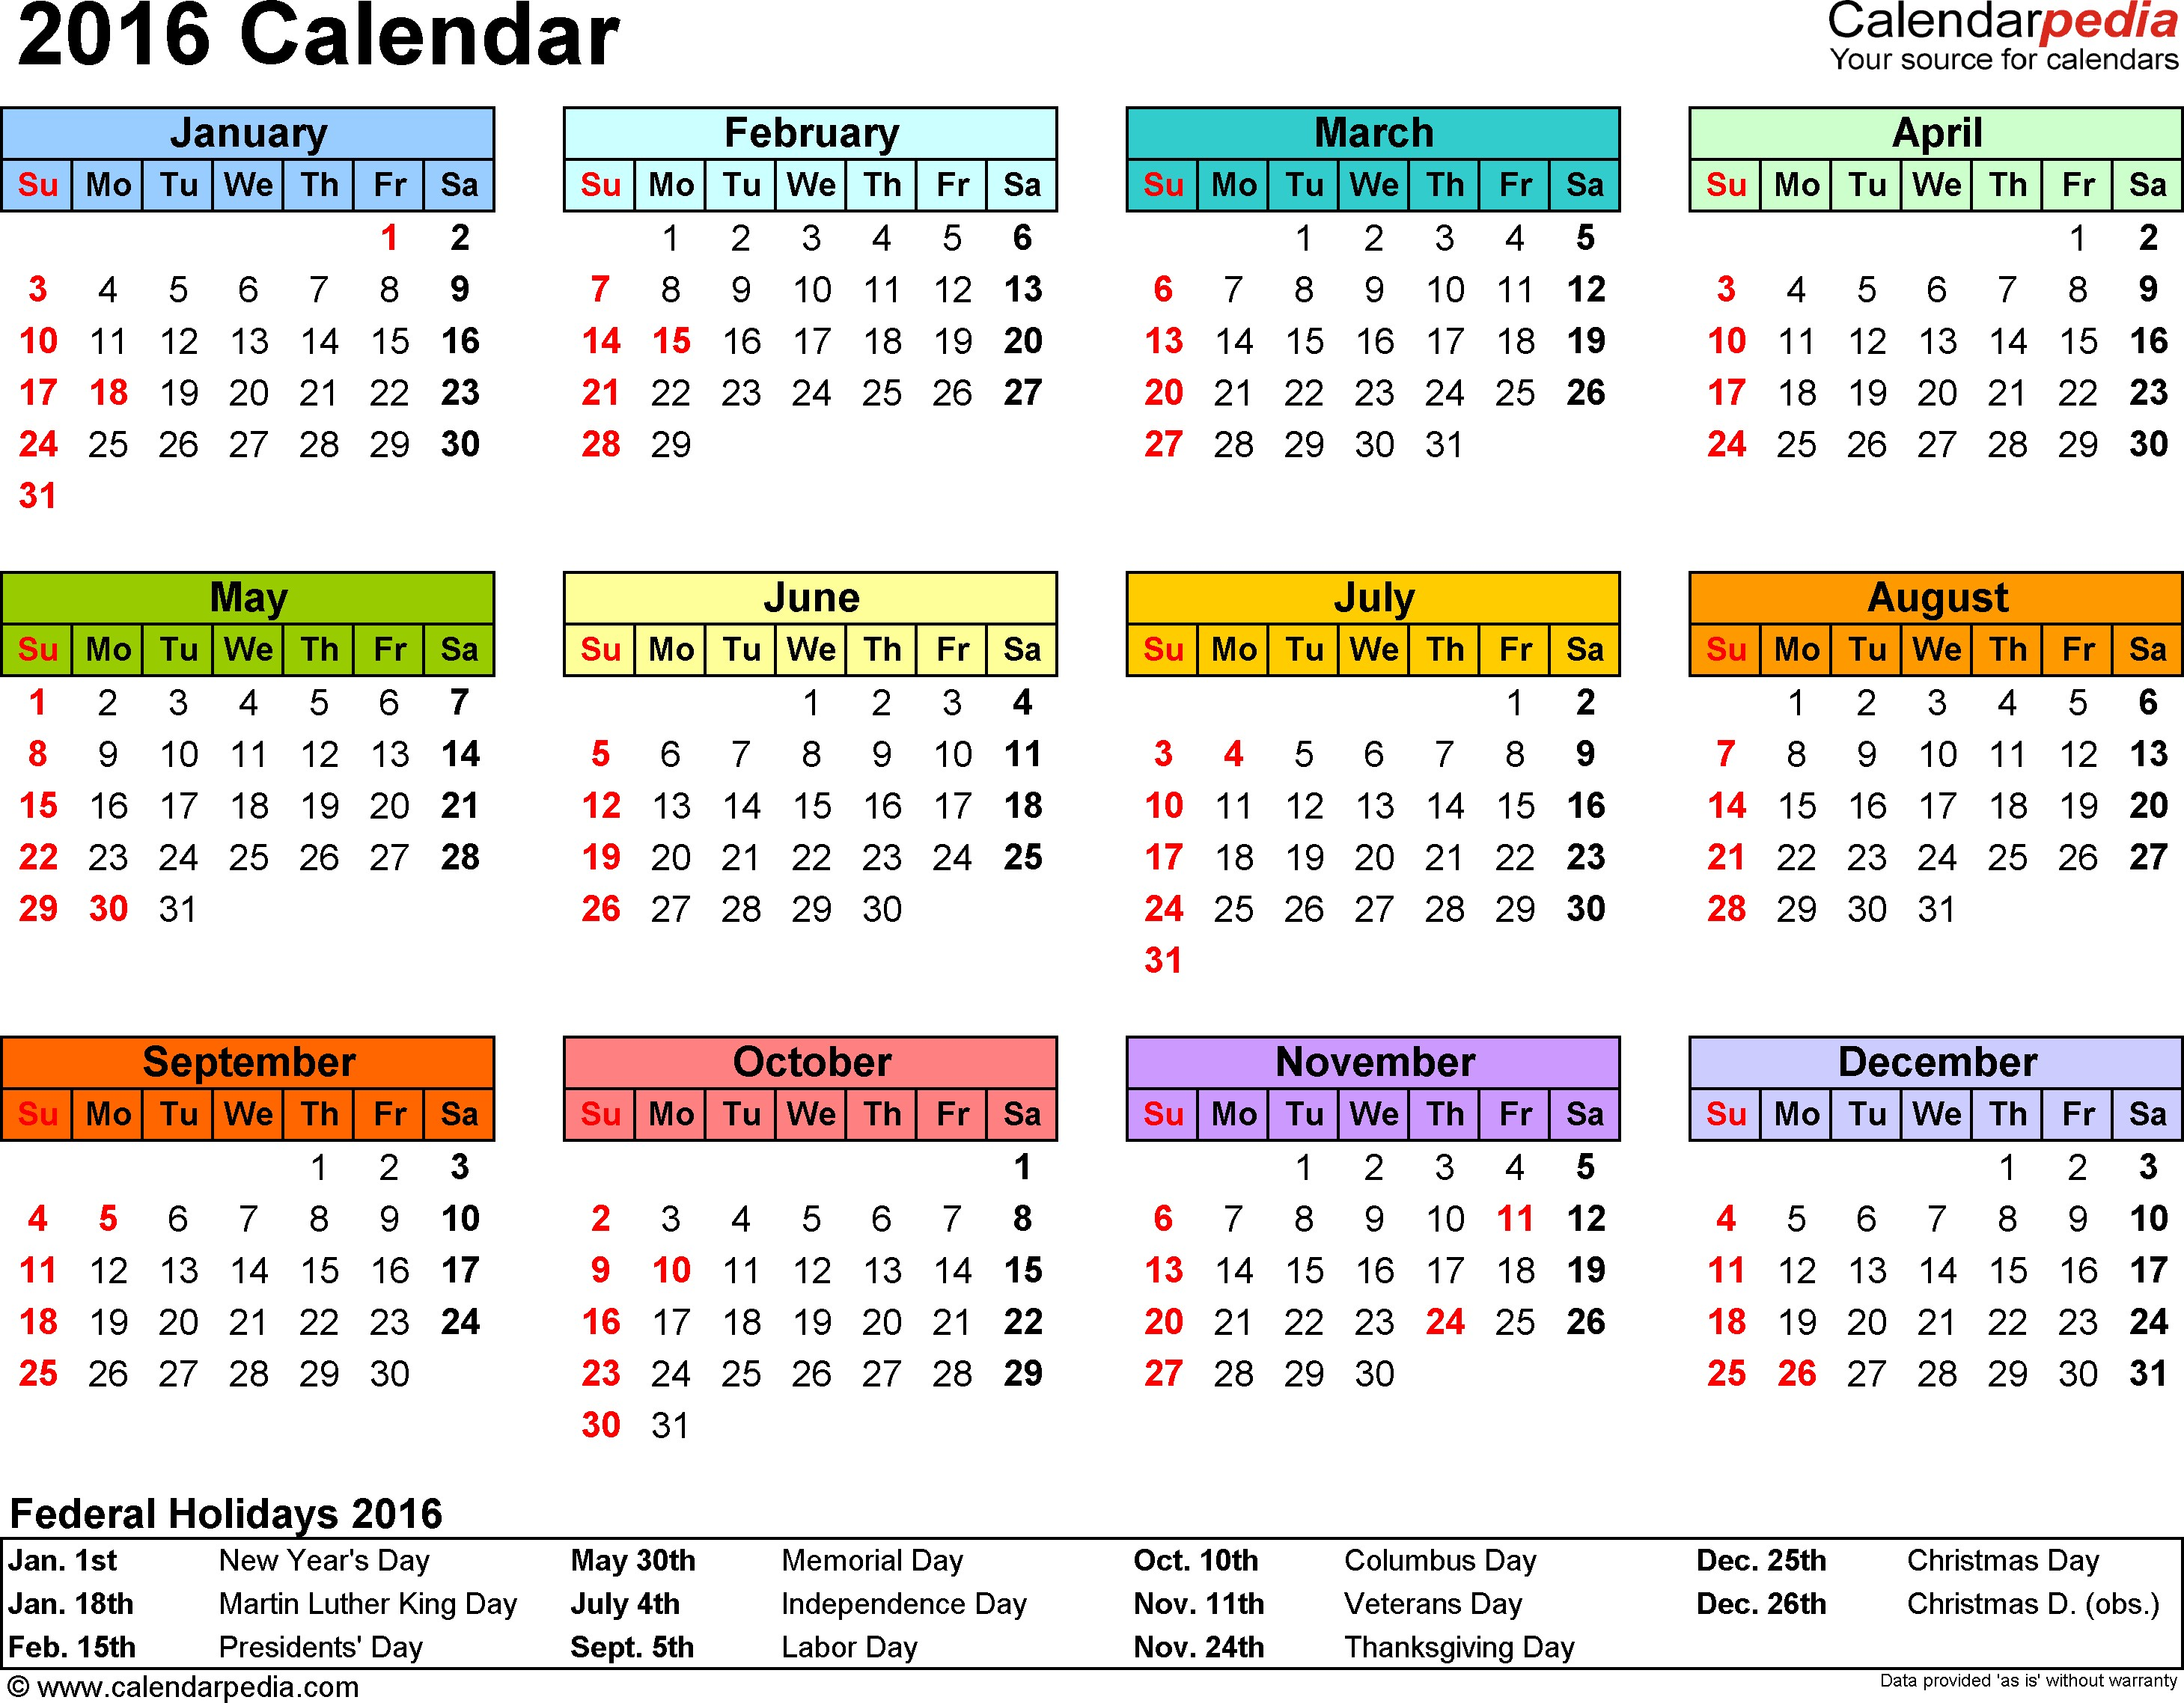 Calendario 2019 Para Imprimir Word Más Reciente Template Archives Page 210 Of 262 Wheel Of Concept Of Calendario 2019 Para Imprimir Word Más Actual 2015 2016 2017 Calendar 4 Three Year Printable Pdf Calendars